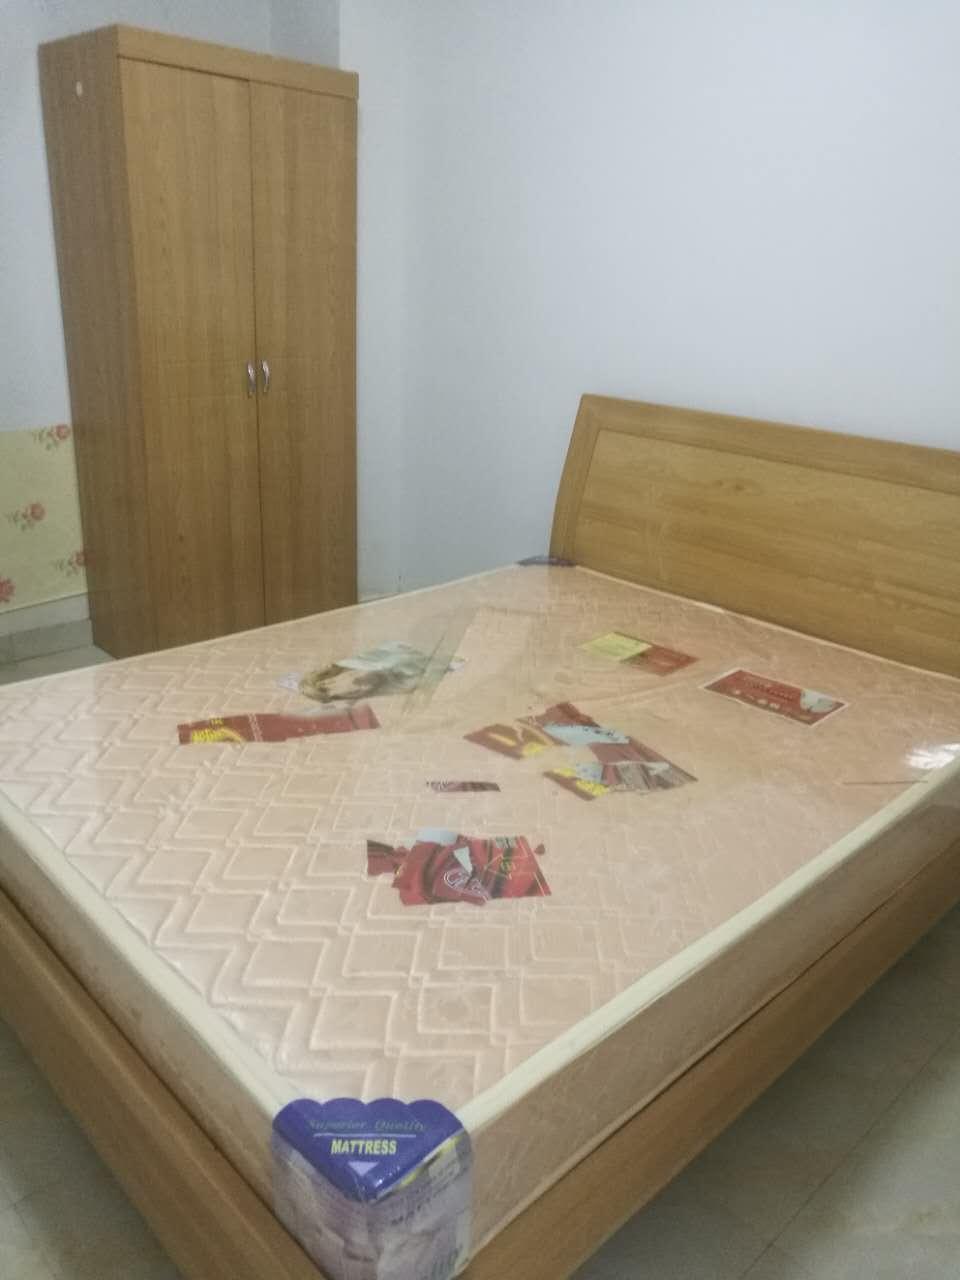 钱隆学府莘园,1300,2室1厅1卫,普通装修.